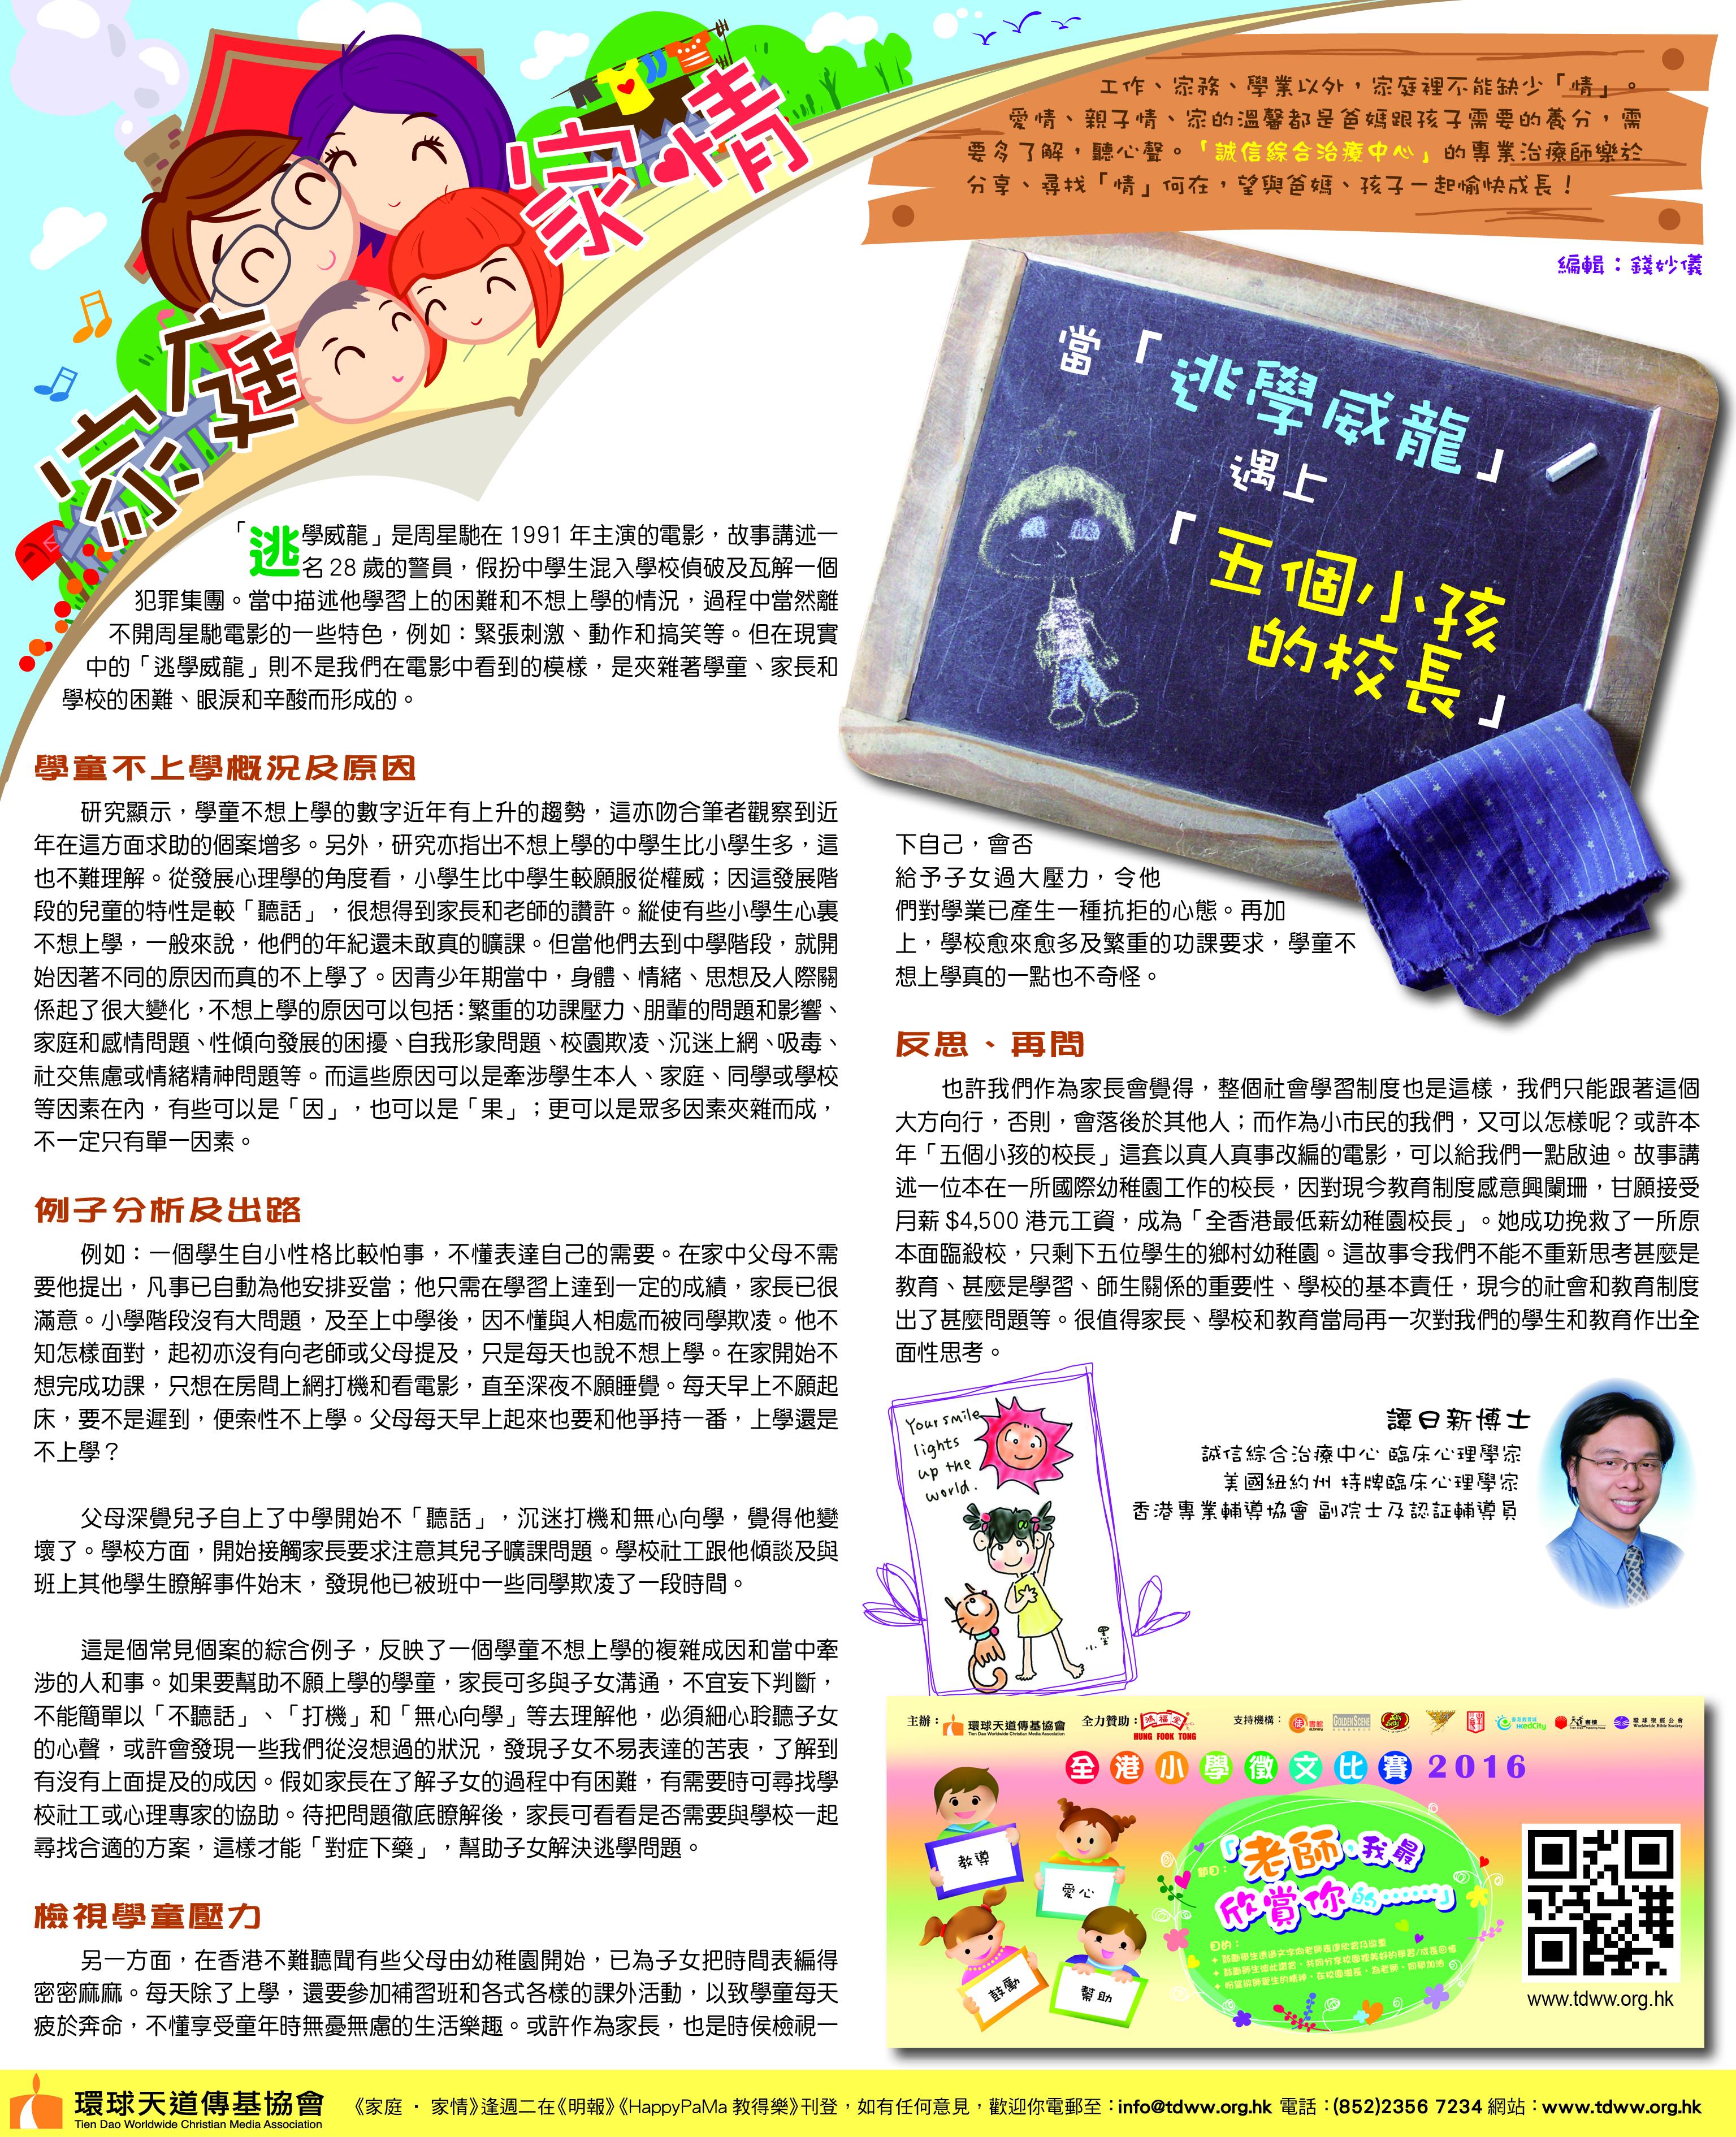 MingPao-29Dec-output.jpg